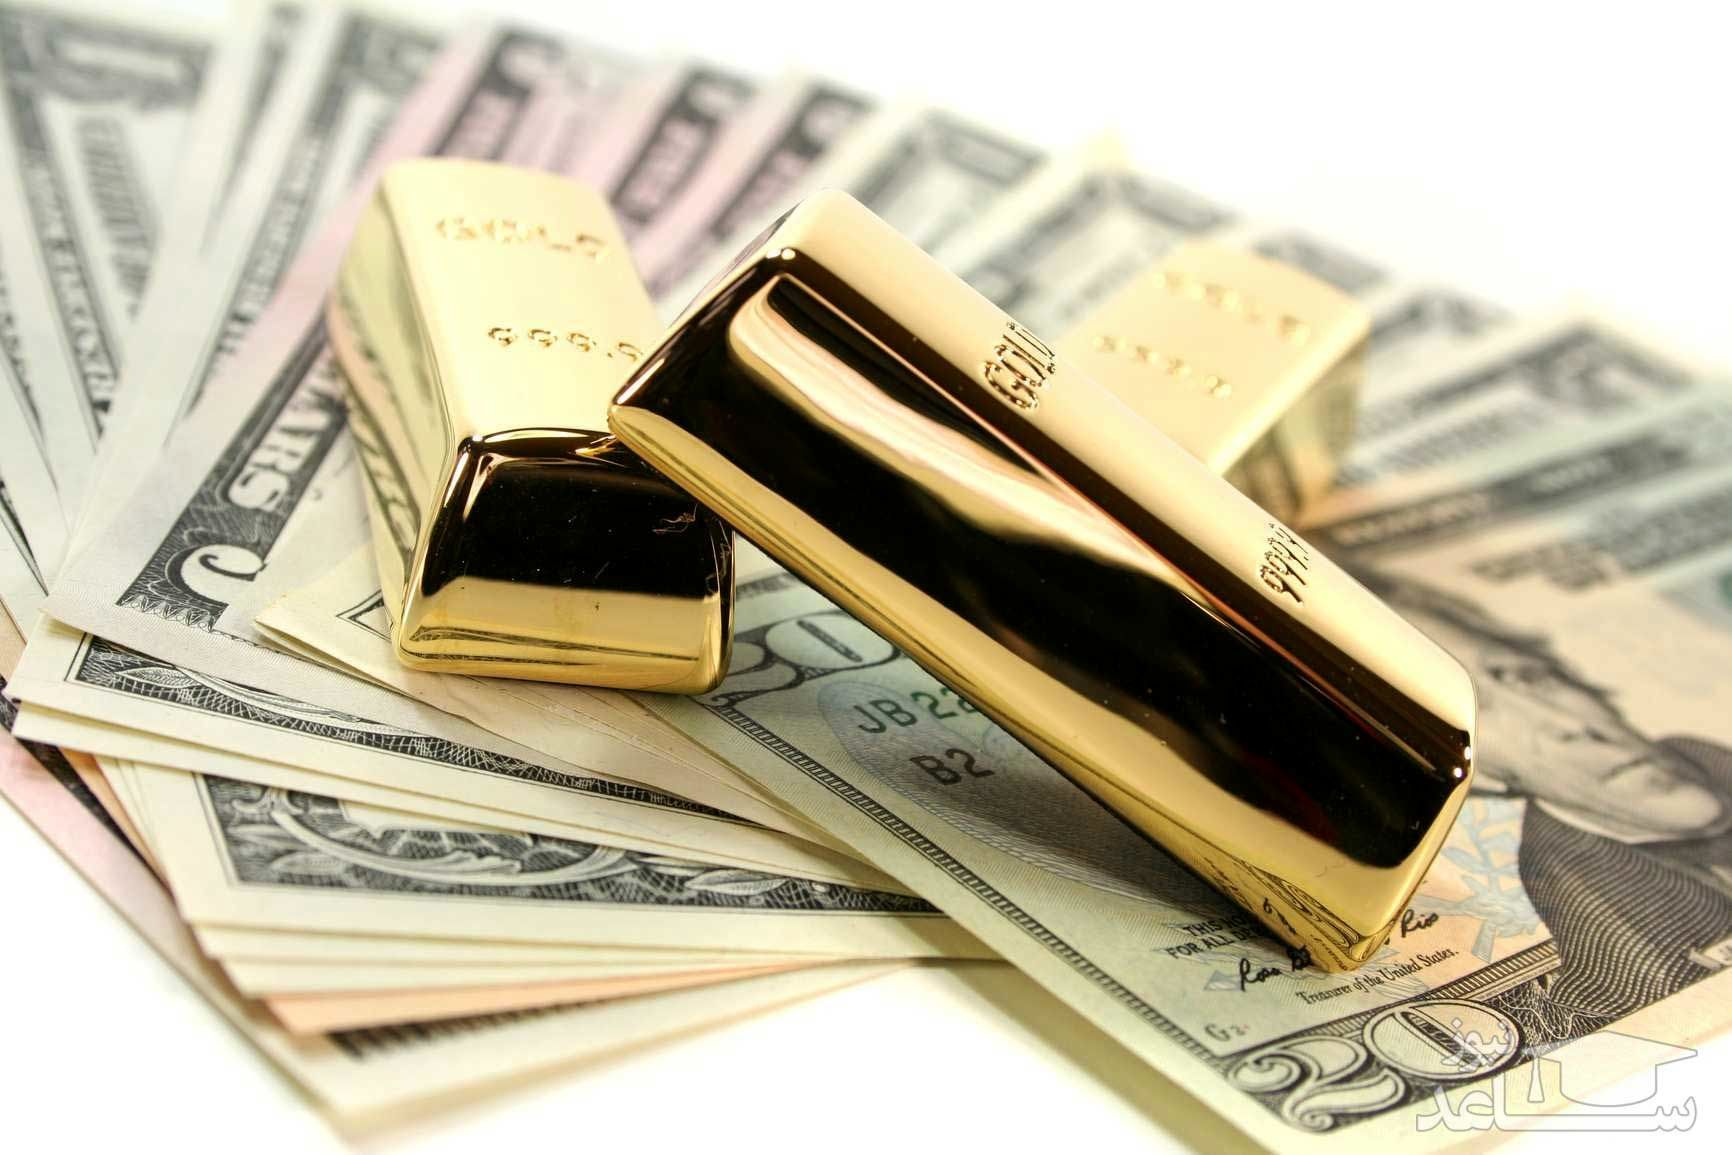 دلار در آستانه رکورد تاریخی ۲۰ هزار تومان؛ دستور روحانی و هشدار بانک مرکزی